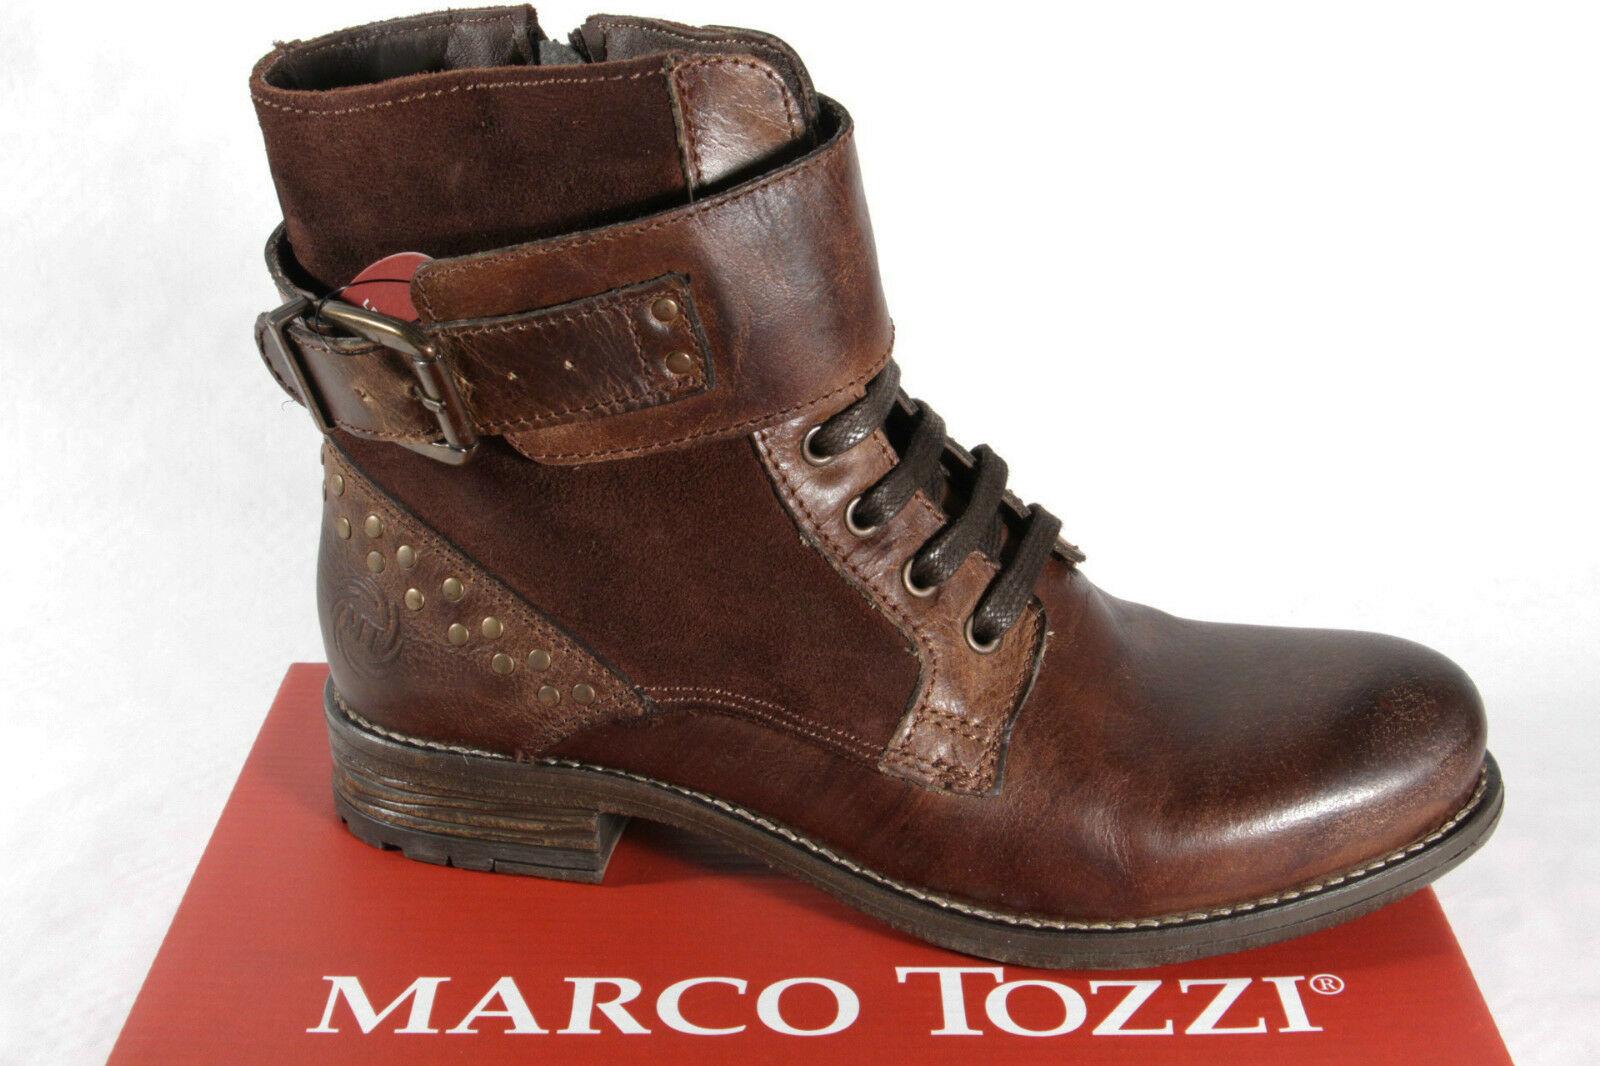 Marco Tozzi Damen Stiefeletten Schnürstiefel, Stiefel, RV, braun 25241 NEU